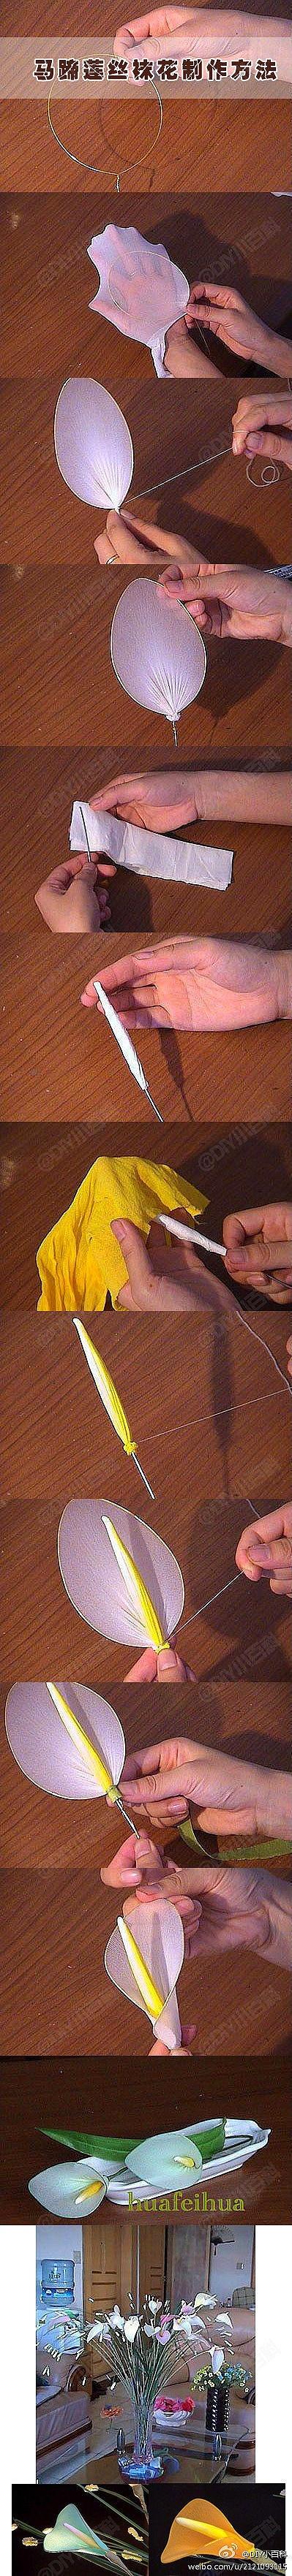 手工DIY 环保 废物利用  马蹄莲丝袜花DIY